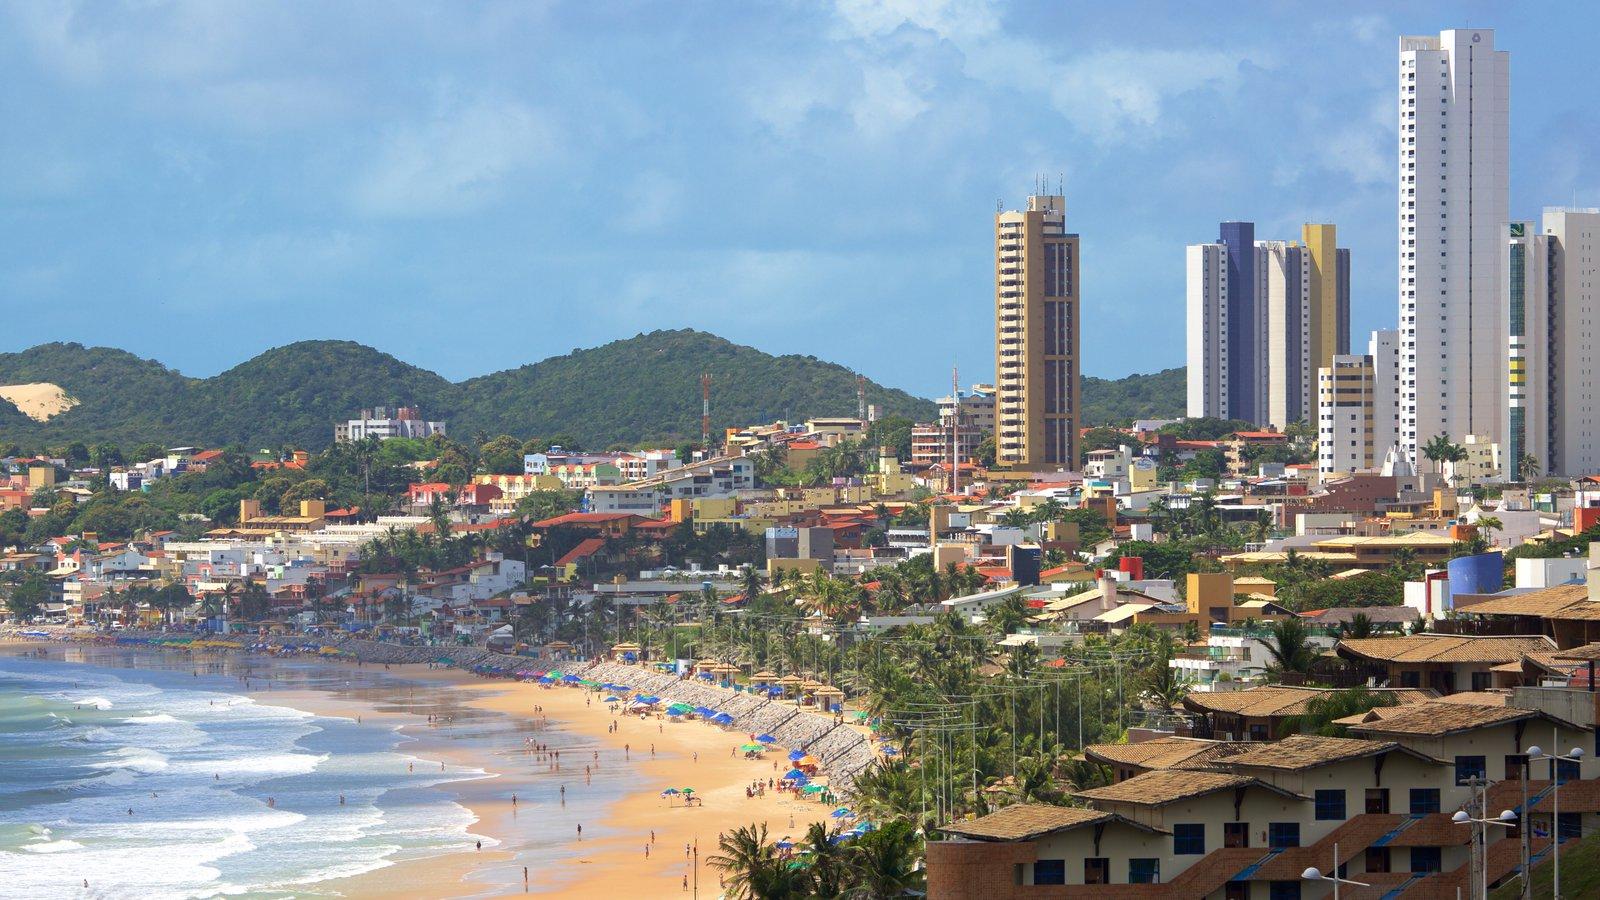 Praia de Ponta Negra caracterizando uma praia, um edifício e uma cidade litorânea